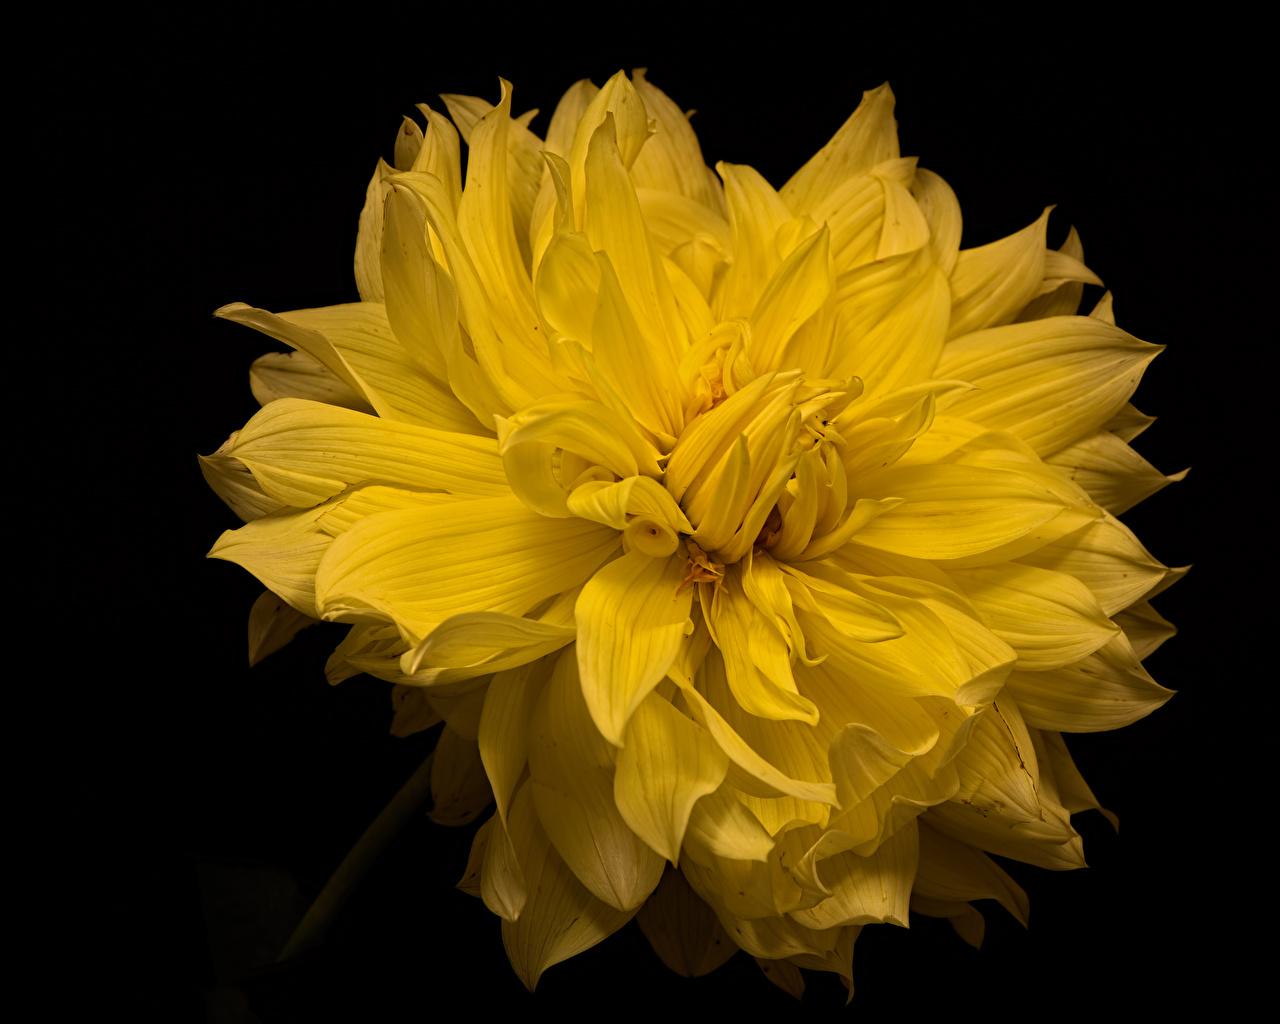 Fotos Gelb Blumen Georginen Nahaufnahme Schwarzer Hintergrund Blüte Dahlien hautnah Großansicht